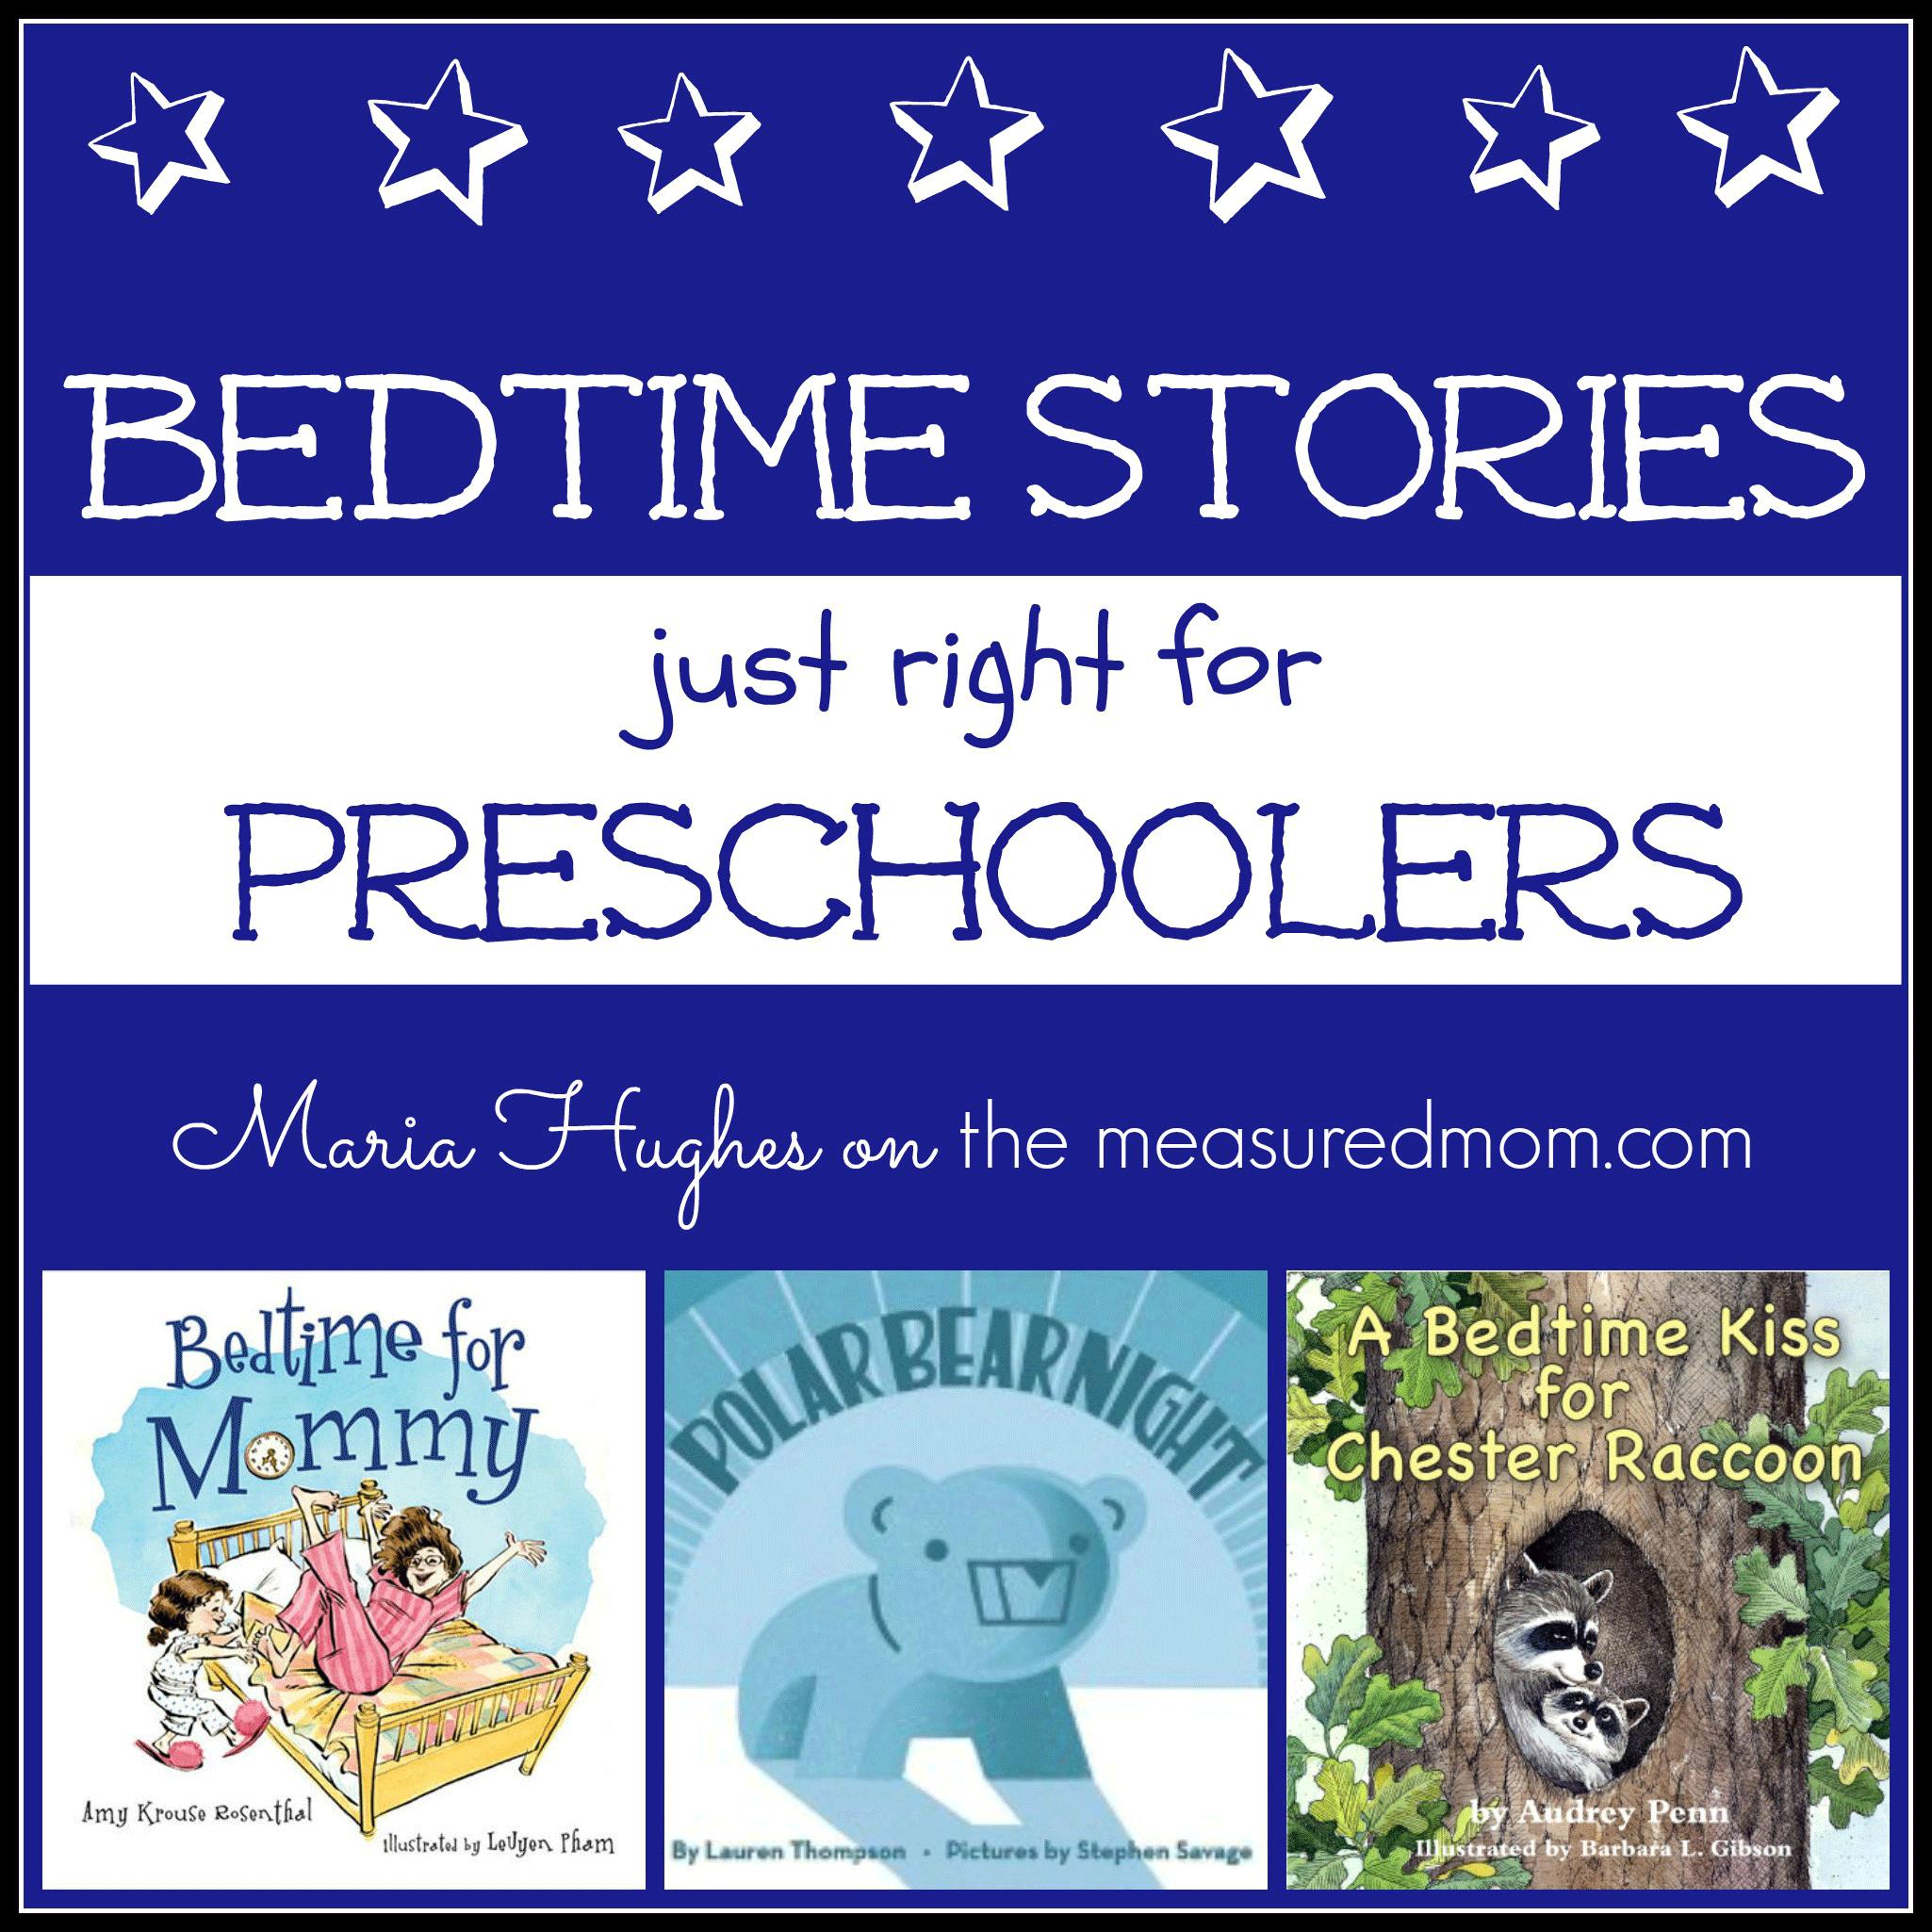 5 bedtime stories for preschoolers the measured mom. Black Bedroom Furniture Sets. Home Design Ideas